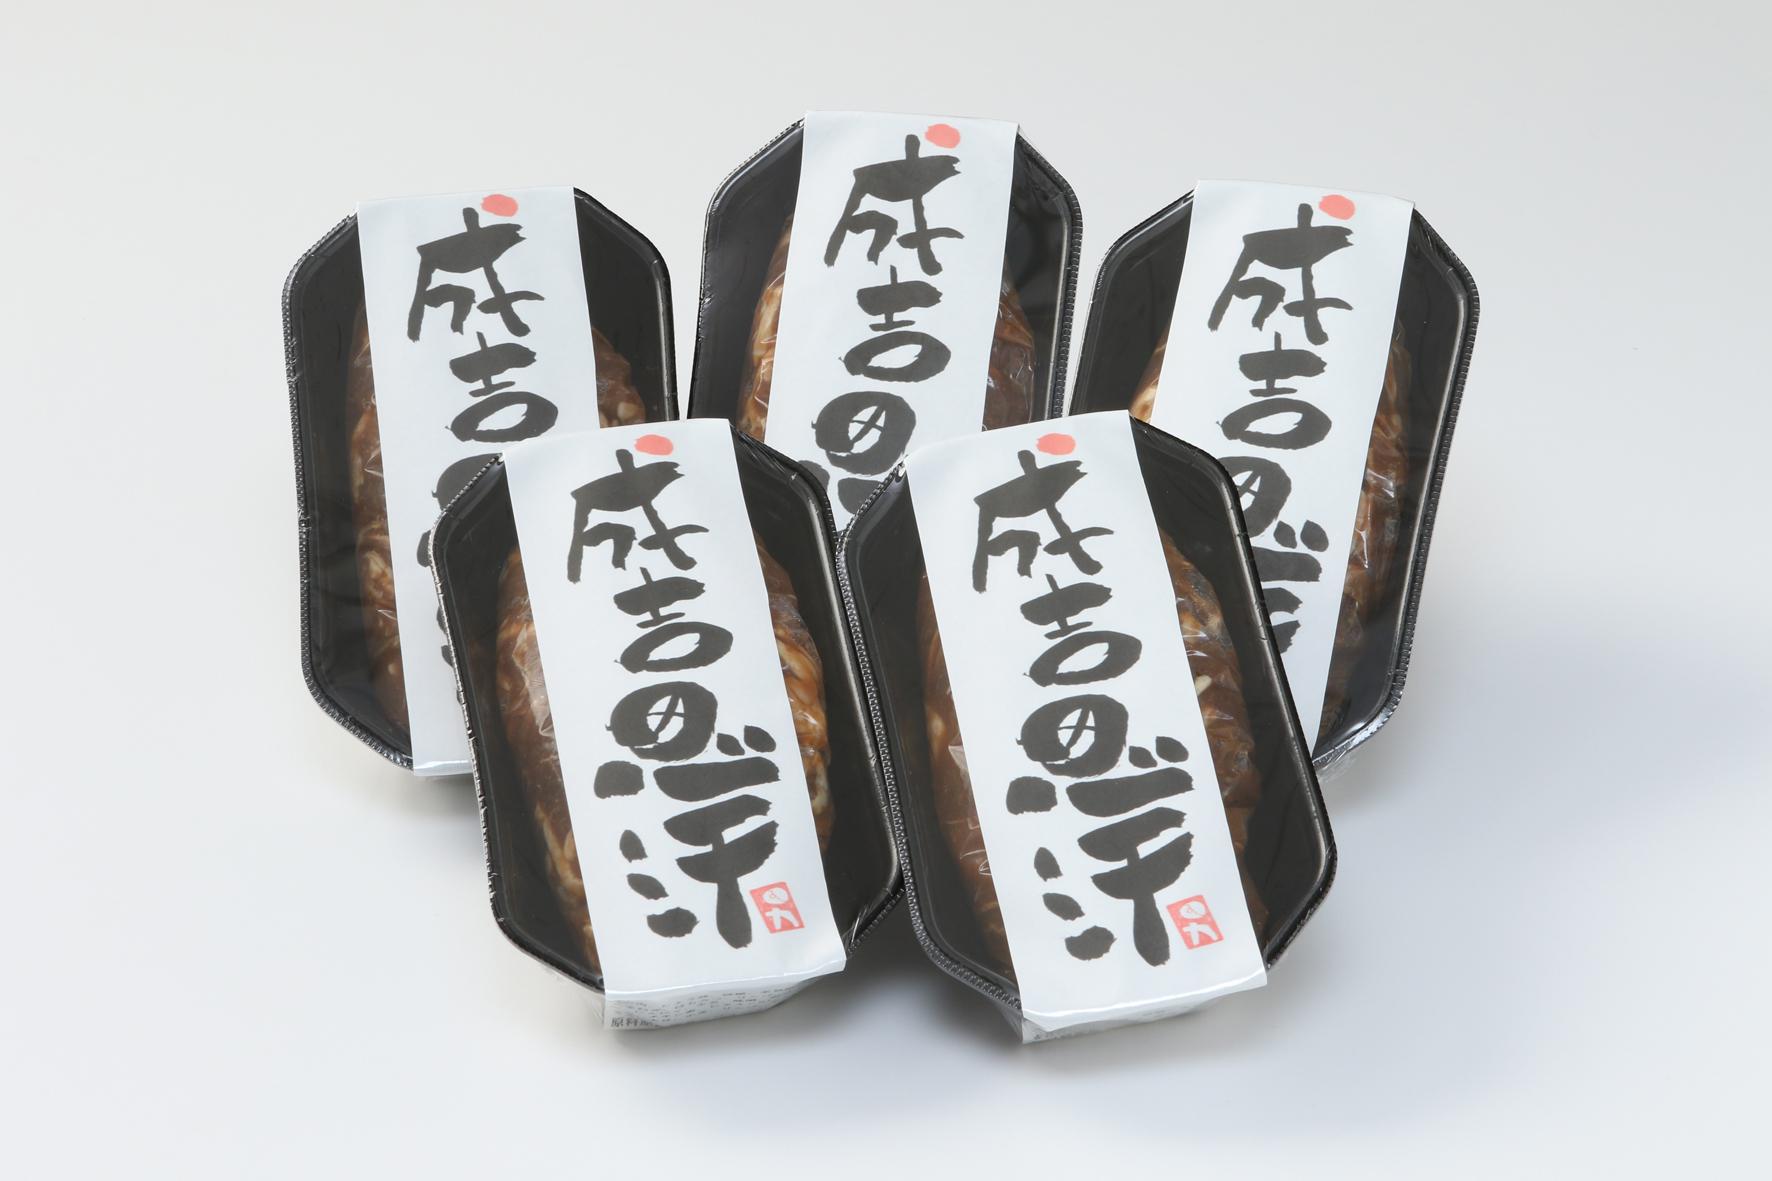 【ふるさと納税】特製味付ジンギスカン2kg(甘口)セット(簡易鍋付き)